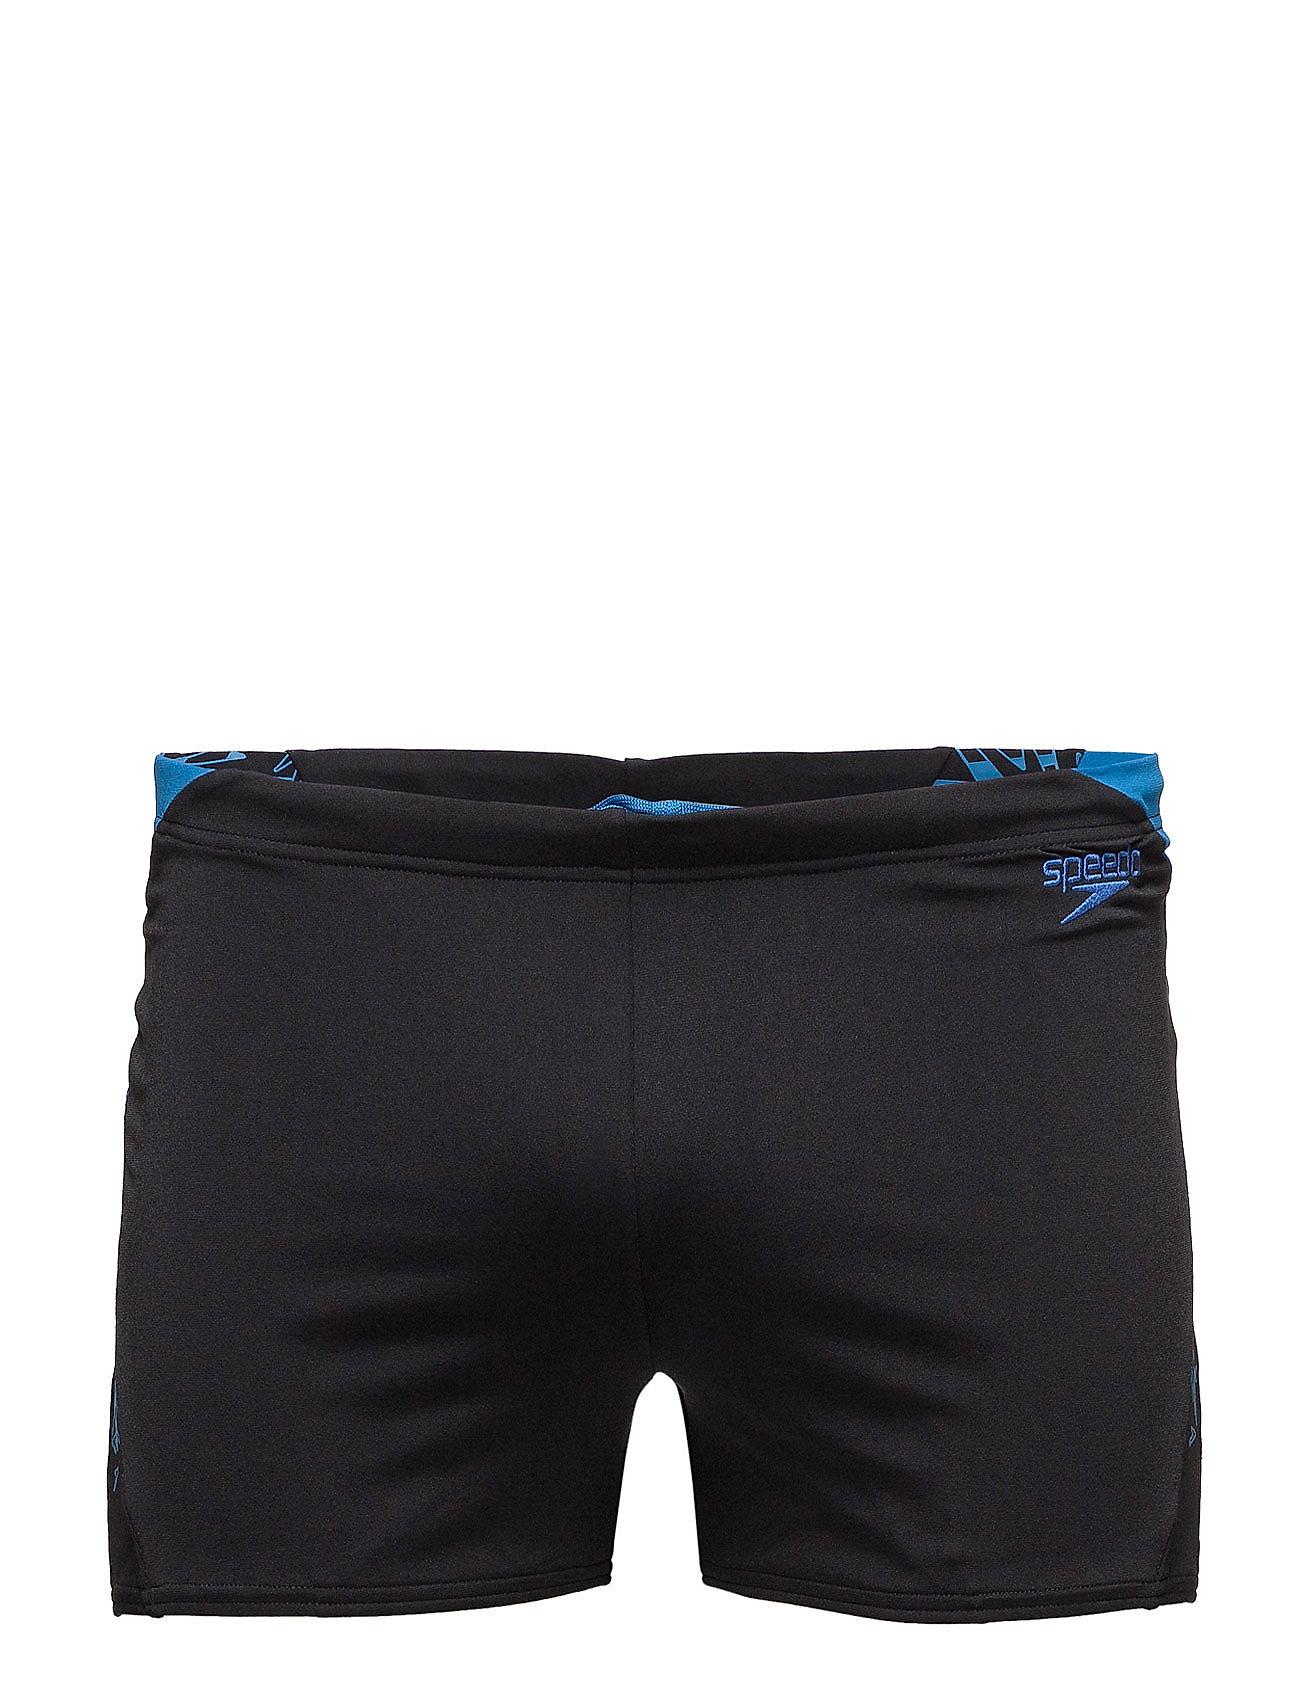 Boom Splice Aquashort Am Speedo Badetøj til Mænd i